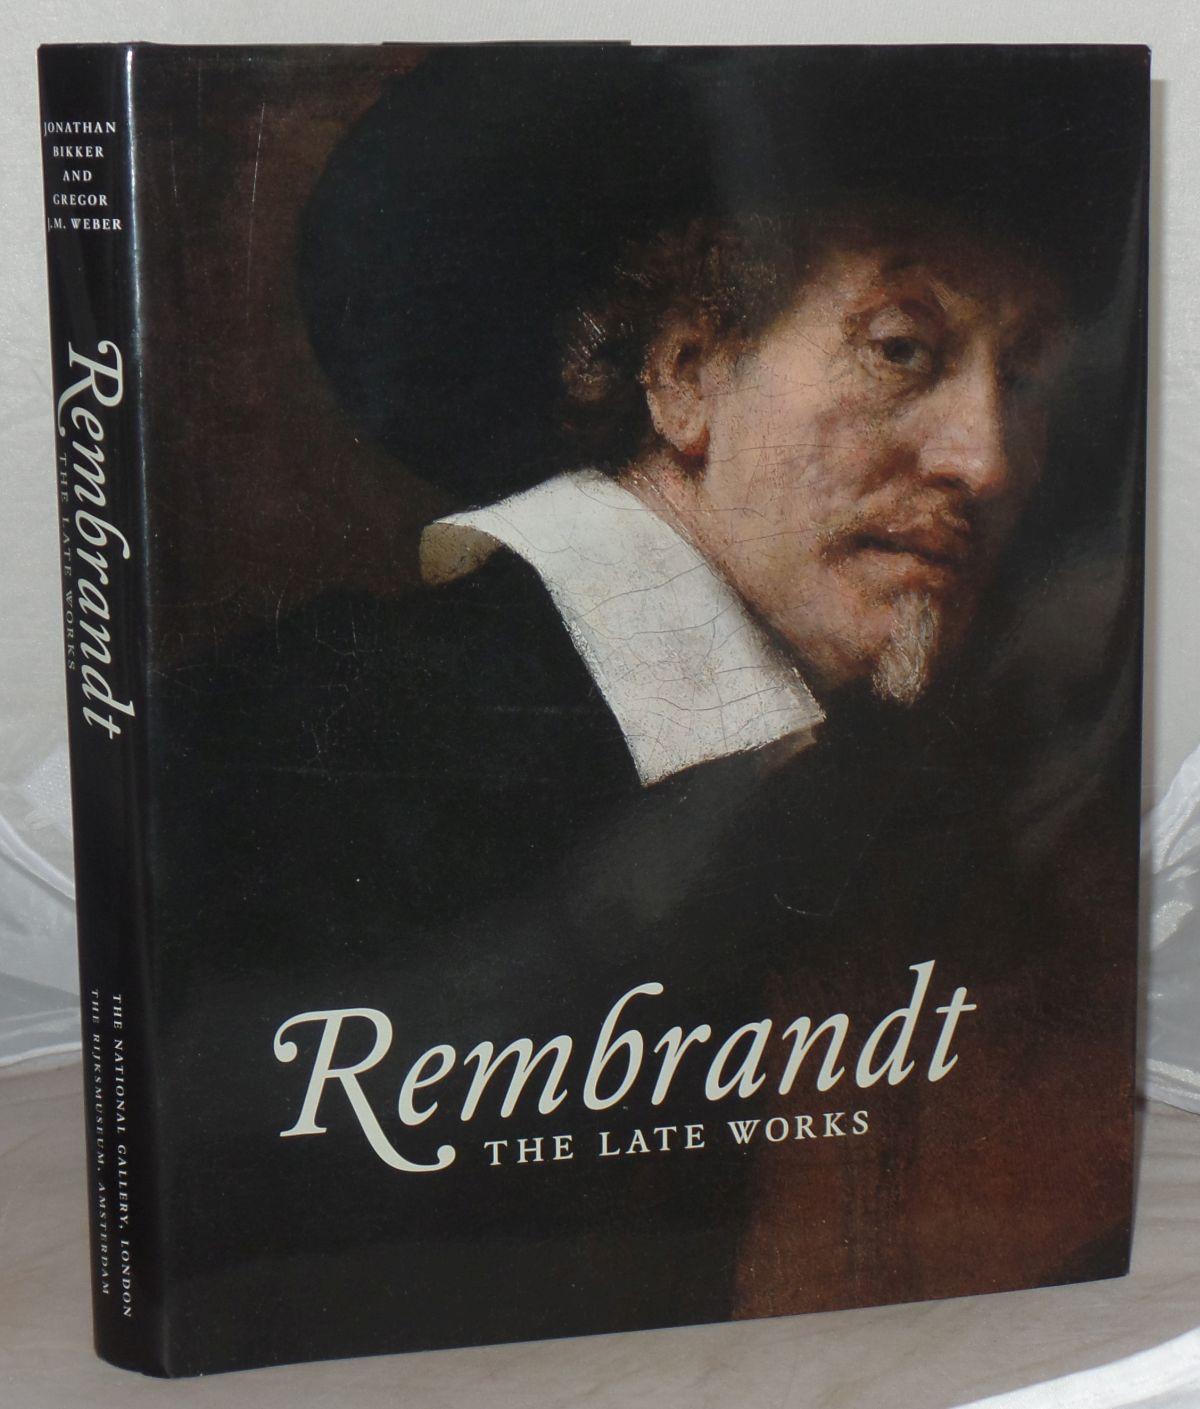 Rembrandt: The Late Works - Bikker, Jonathan ; Weber, Gregor J. M.